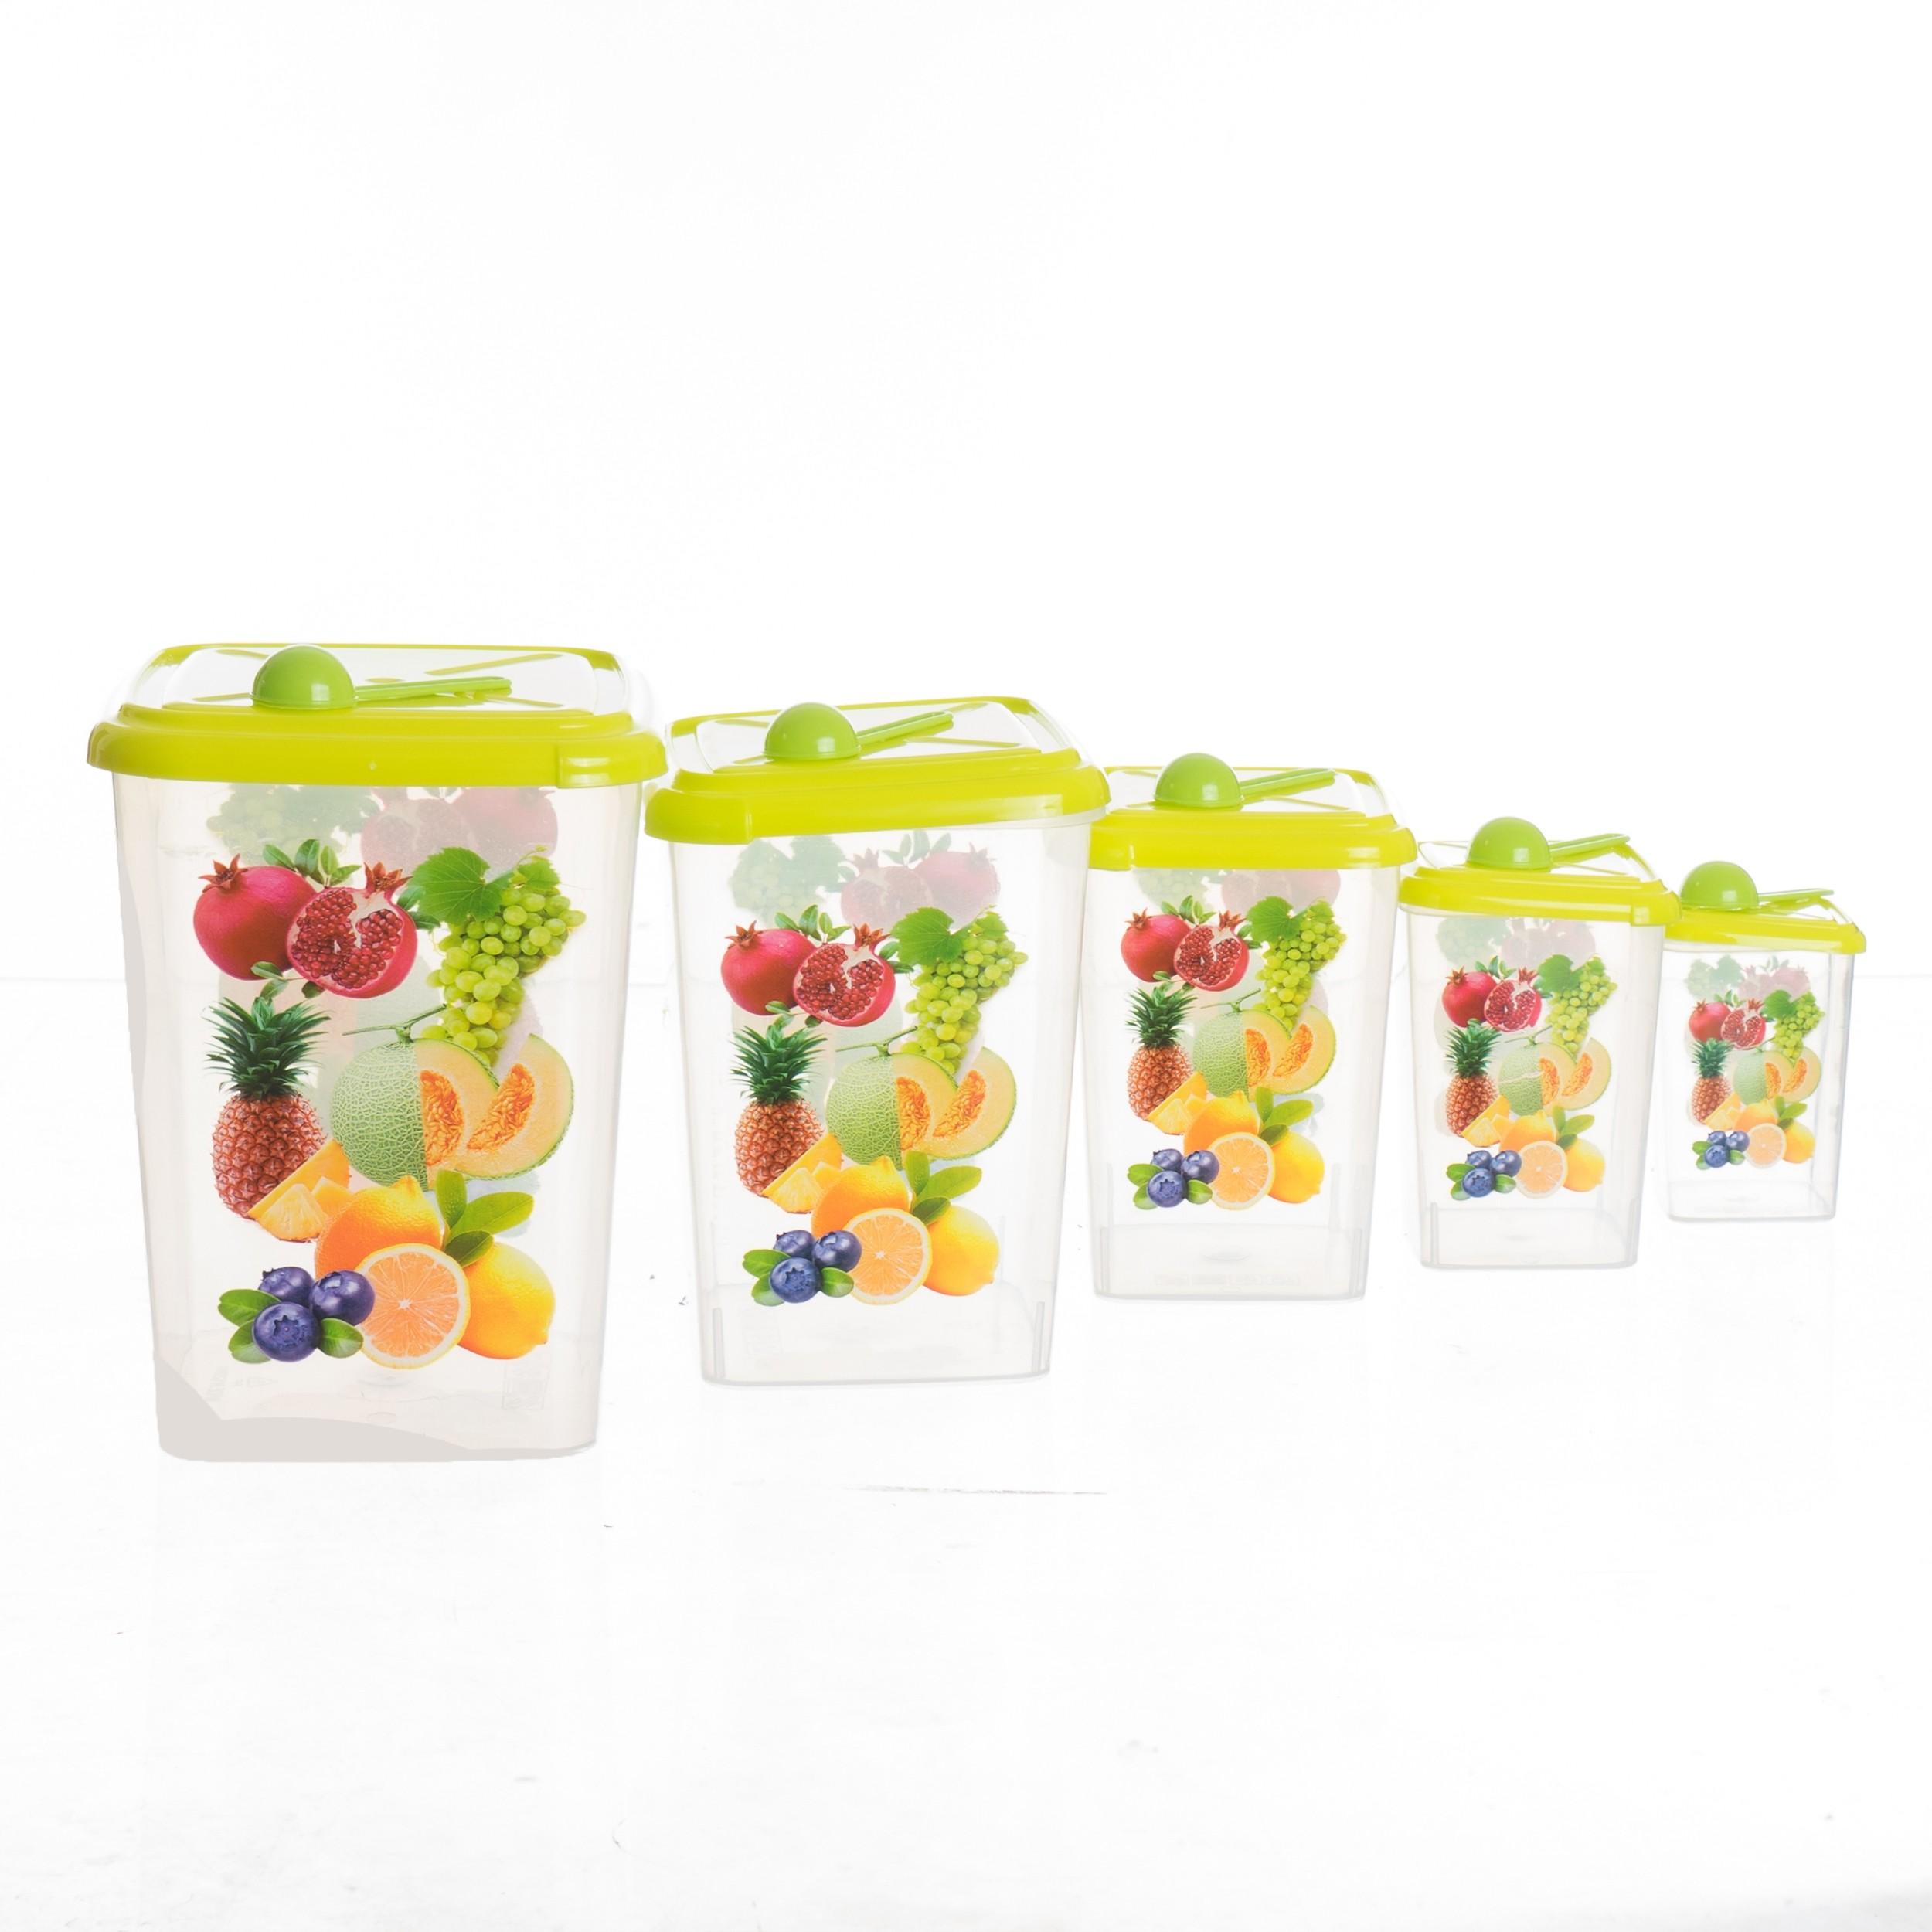 Lot de 5 Boites en Plastique avec Couvercles et 5 Cuillères vert